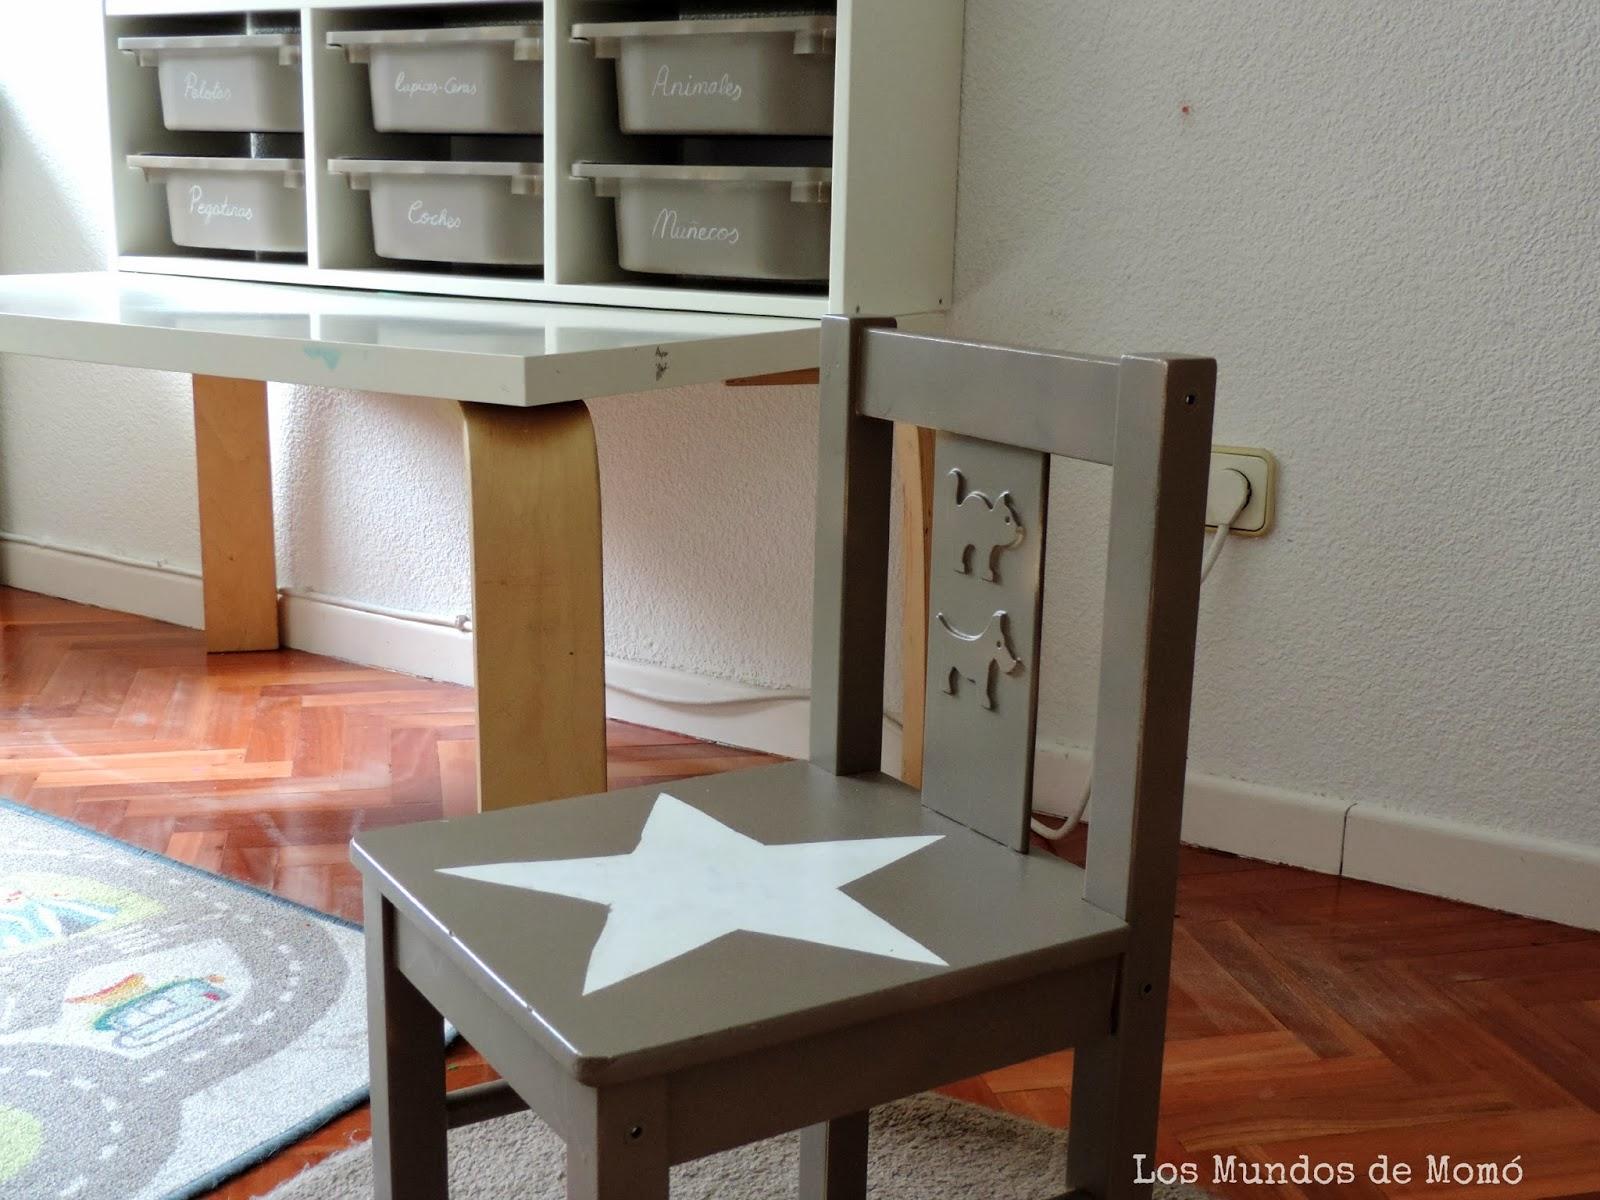 Personaliza Tus Muebles De Ikea Handbox Craft Lovers Comunidad  # Customizar Muebles